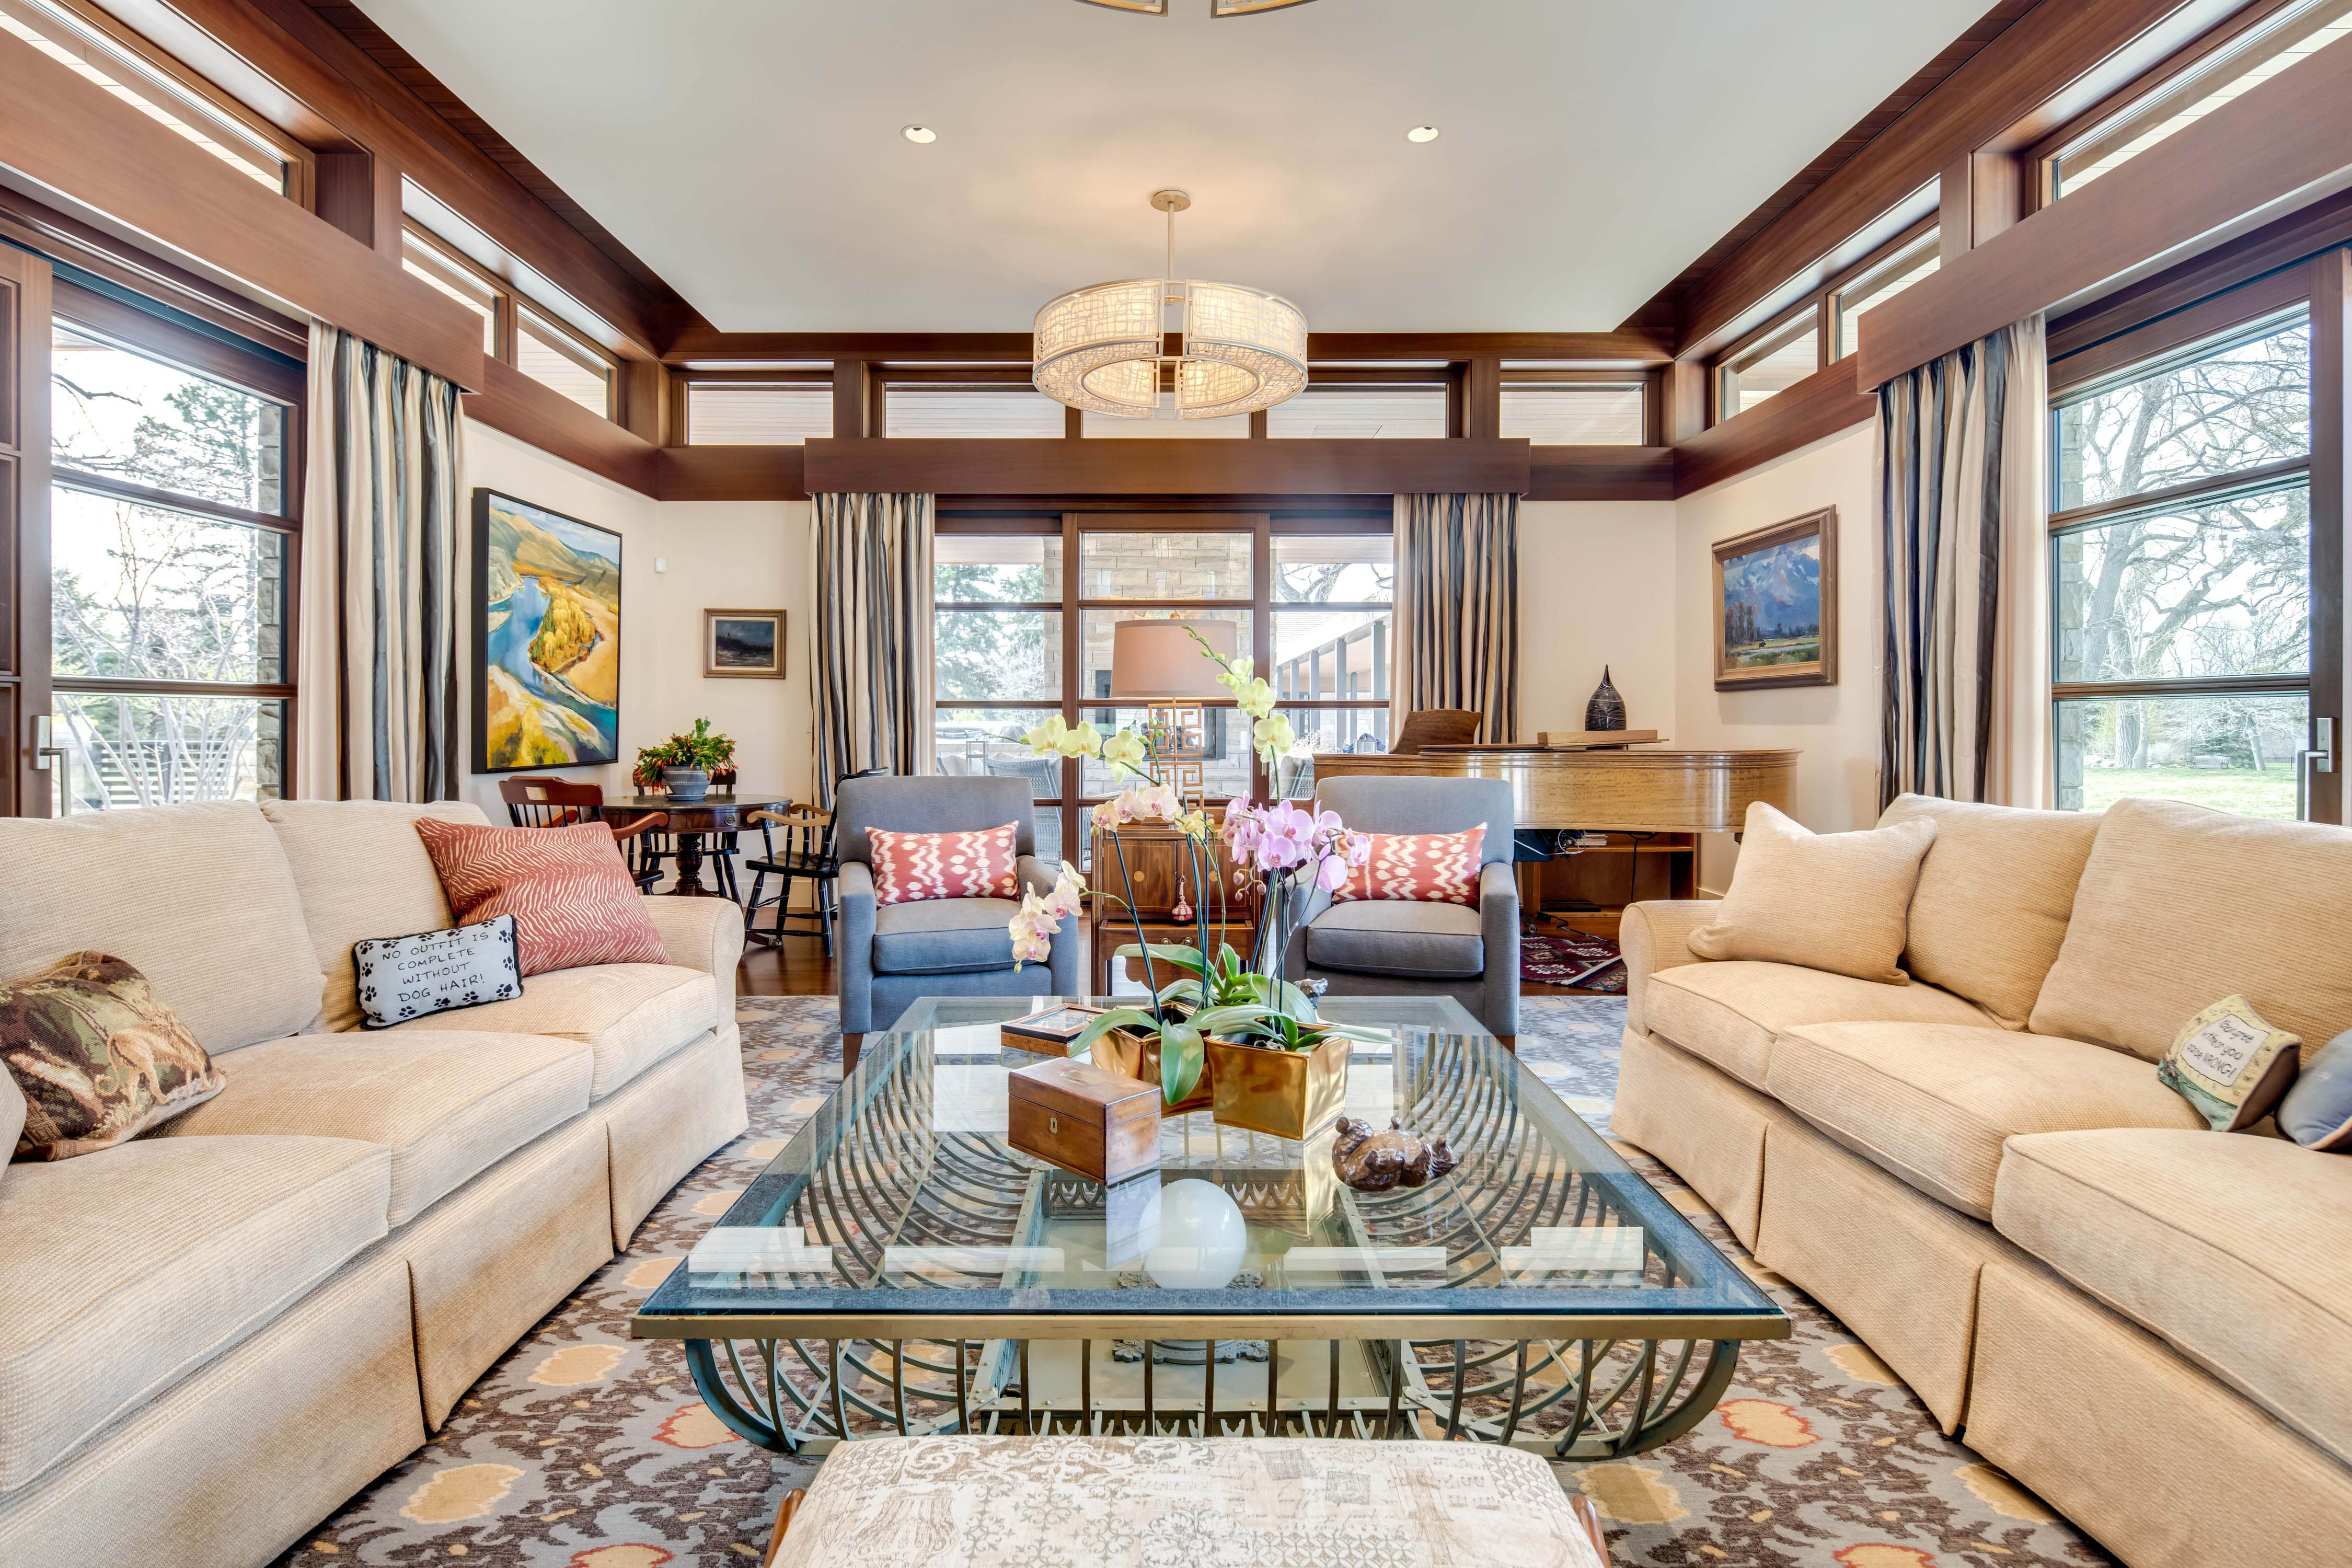 9 Polo Club Ln living room